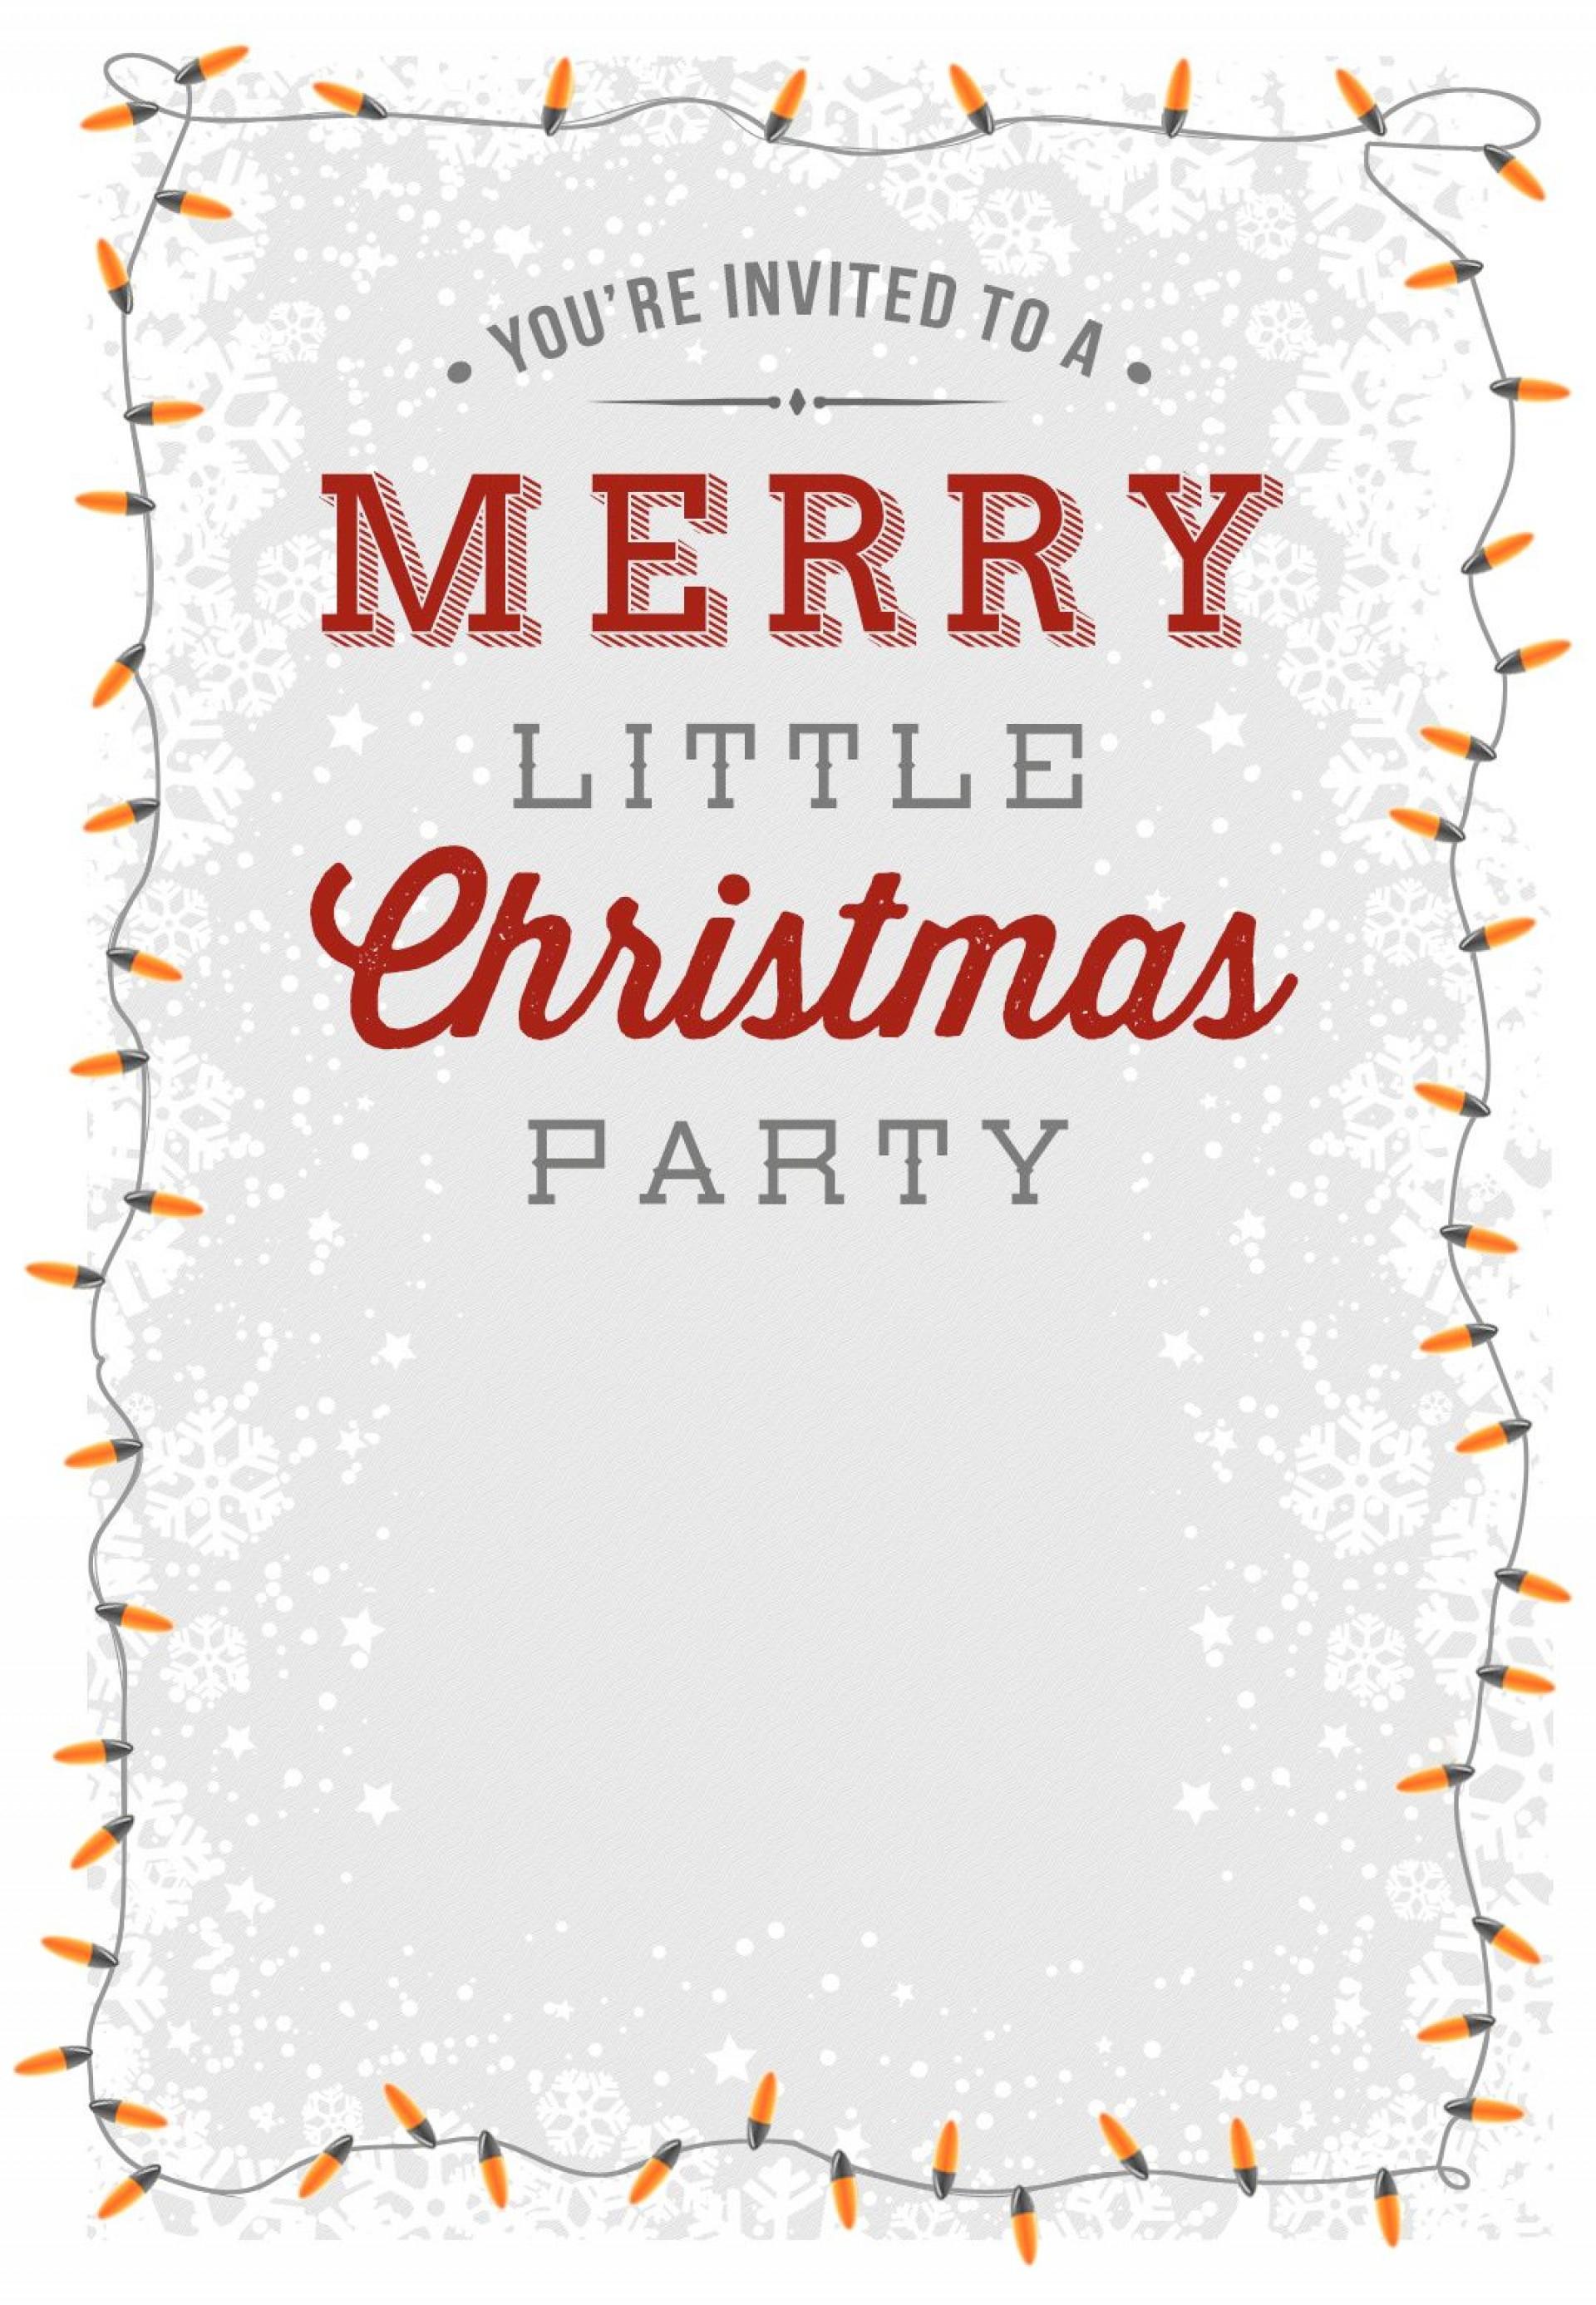 023 Free Holiday Invite Templates Party Invitation Word Chamunesco - Holiday Invitations Free Printable